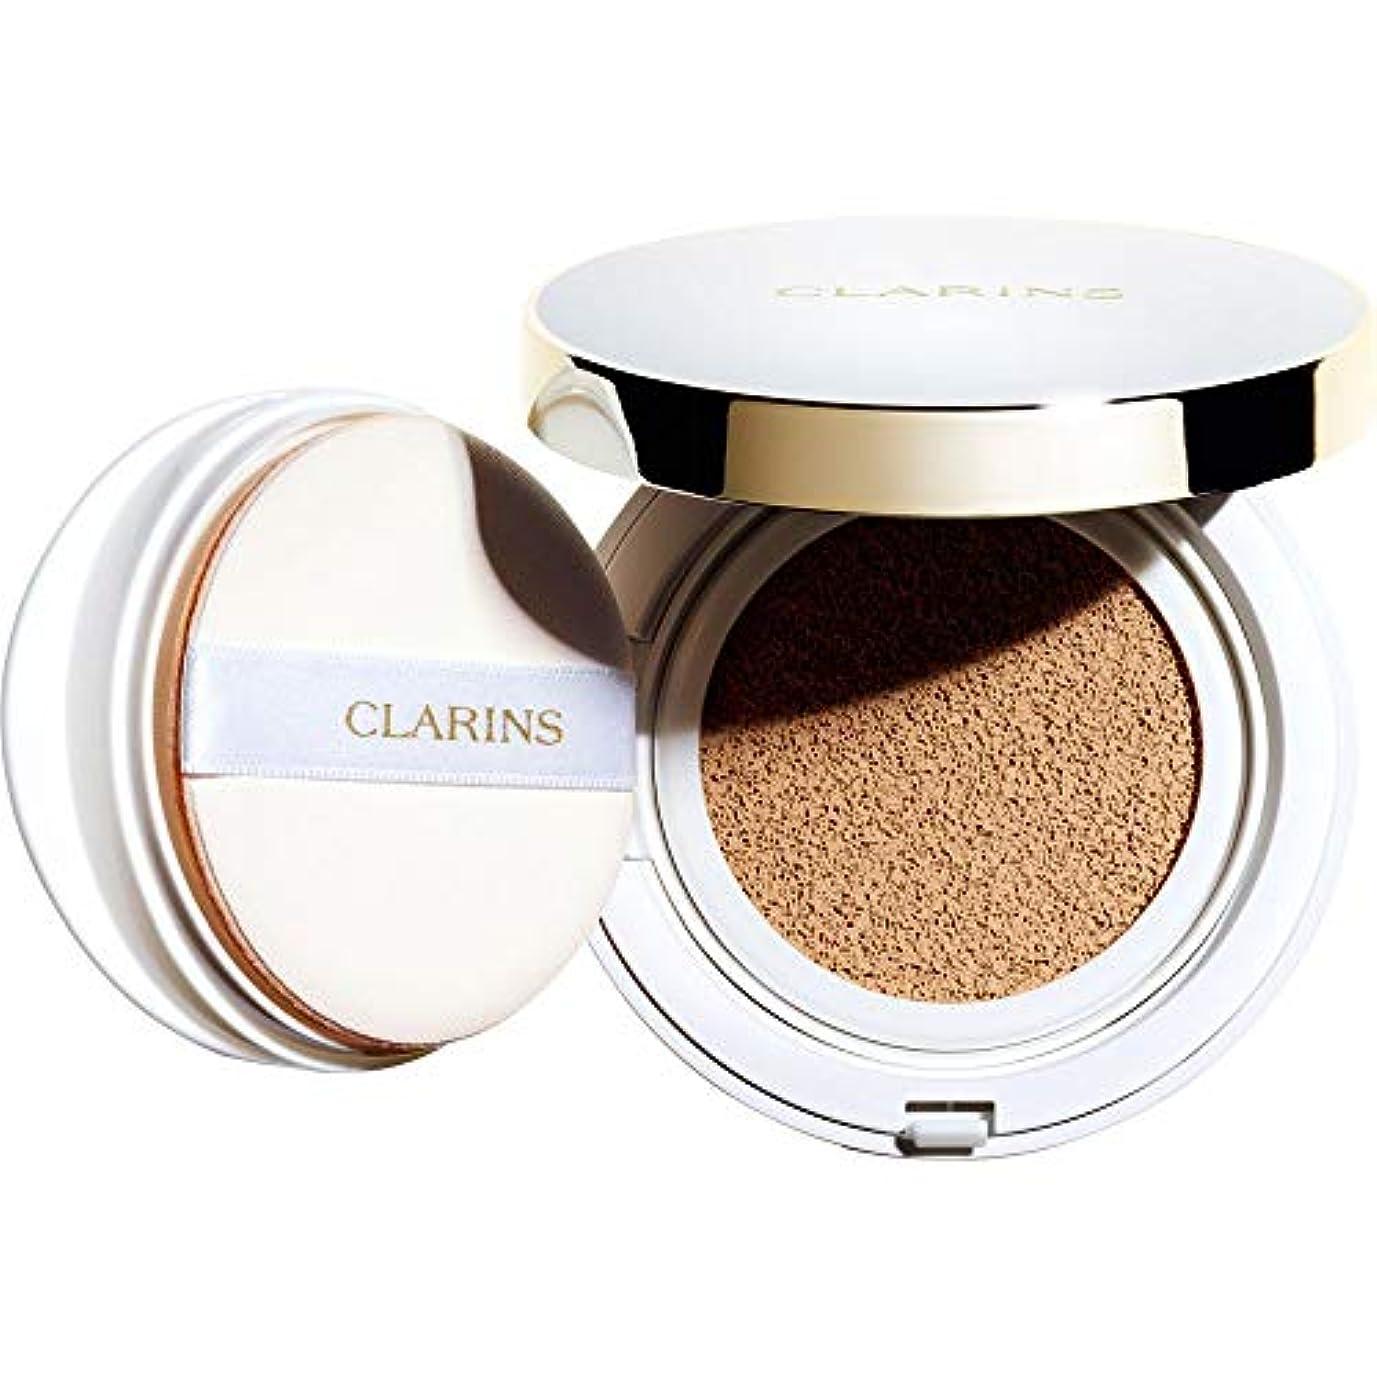 塩辛い症候群オープニング[Clarins ] クラランス永遠のクッション基礎Spf50の13ミリリットル103 - アイボリー - Clarins Everlasting Cushion Foundation SPF50 13ml 103 -...